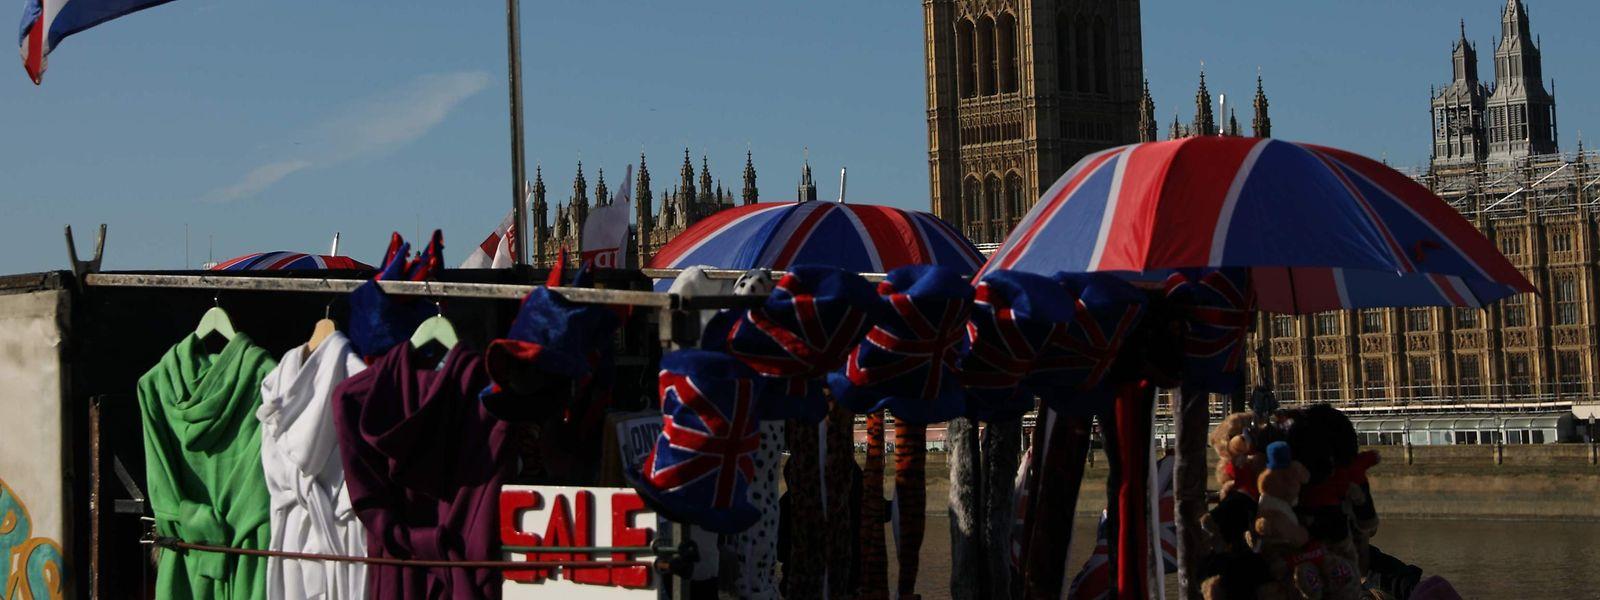 Womöglich stimmen die Abgeordneten schon an diesem Montag im Unterhaus über den zwischen Premierminister Boris Johnson und der EU ausgehandelten Deal ab.